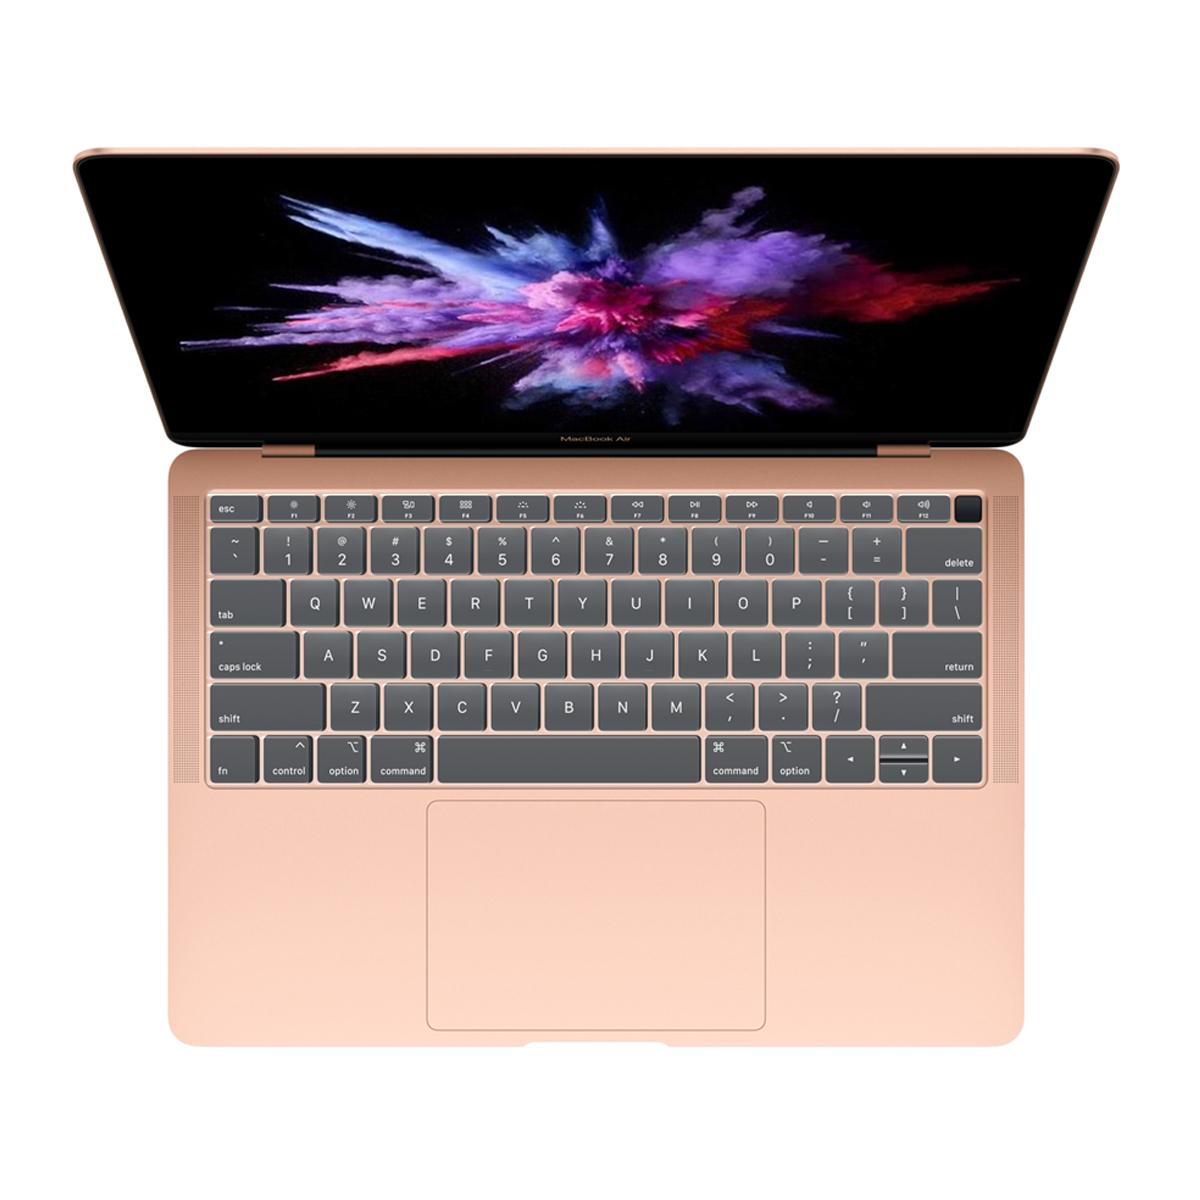 Keyboard Cover - Macbook Air 13'' A1932 (TPU)